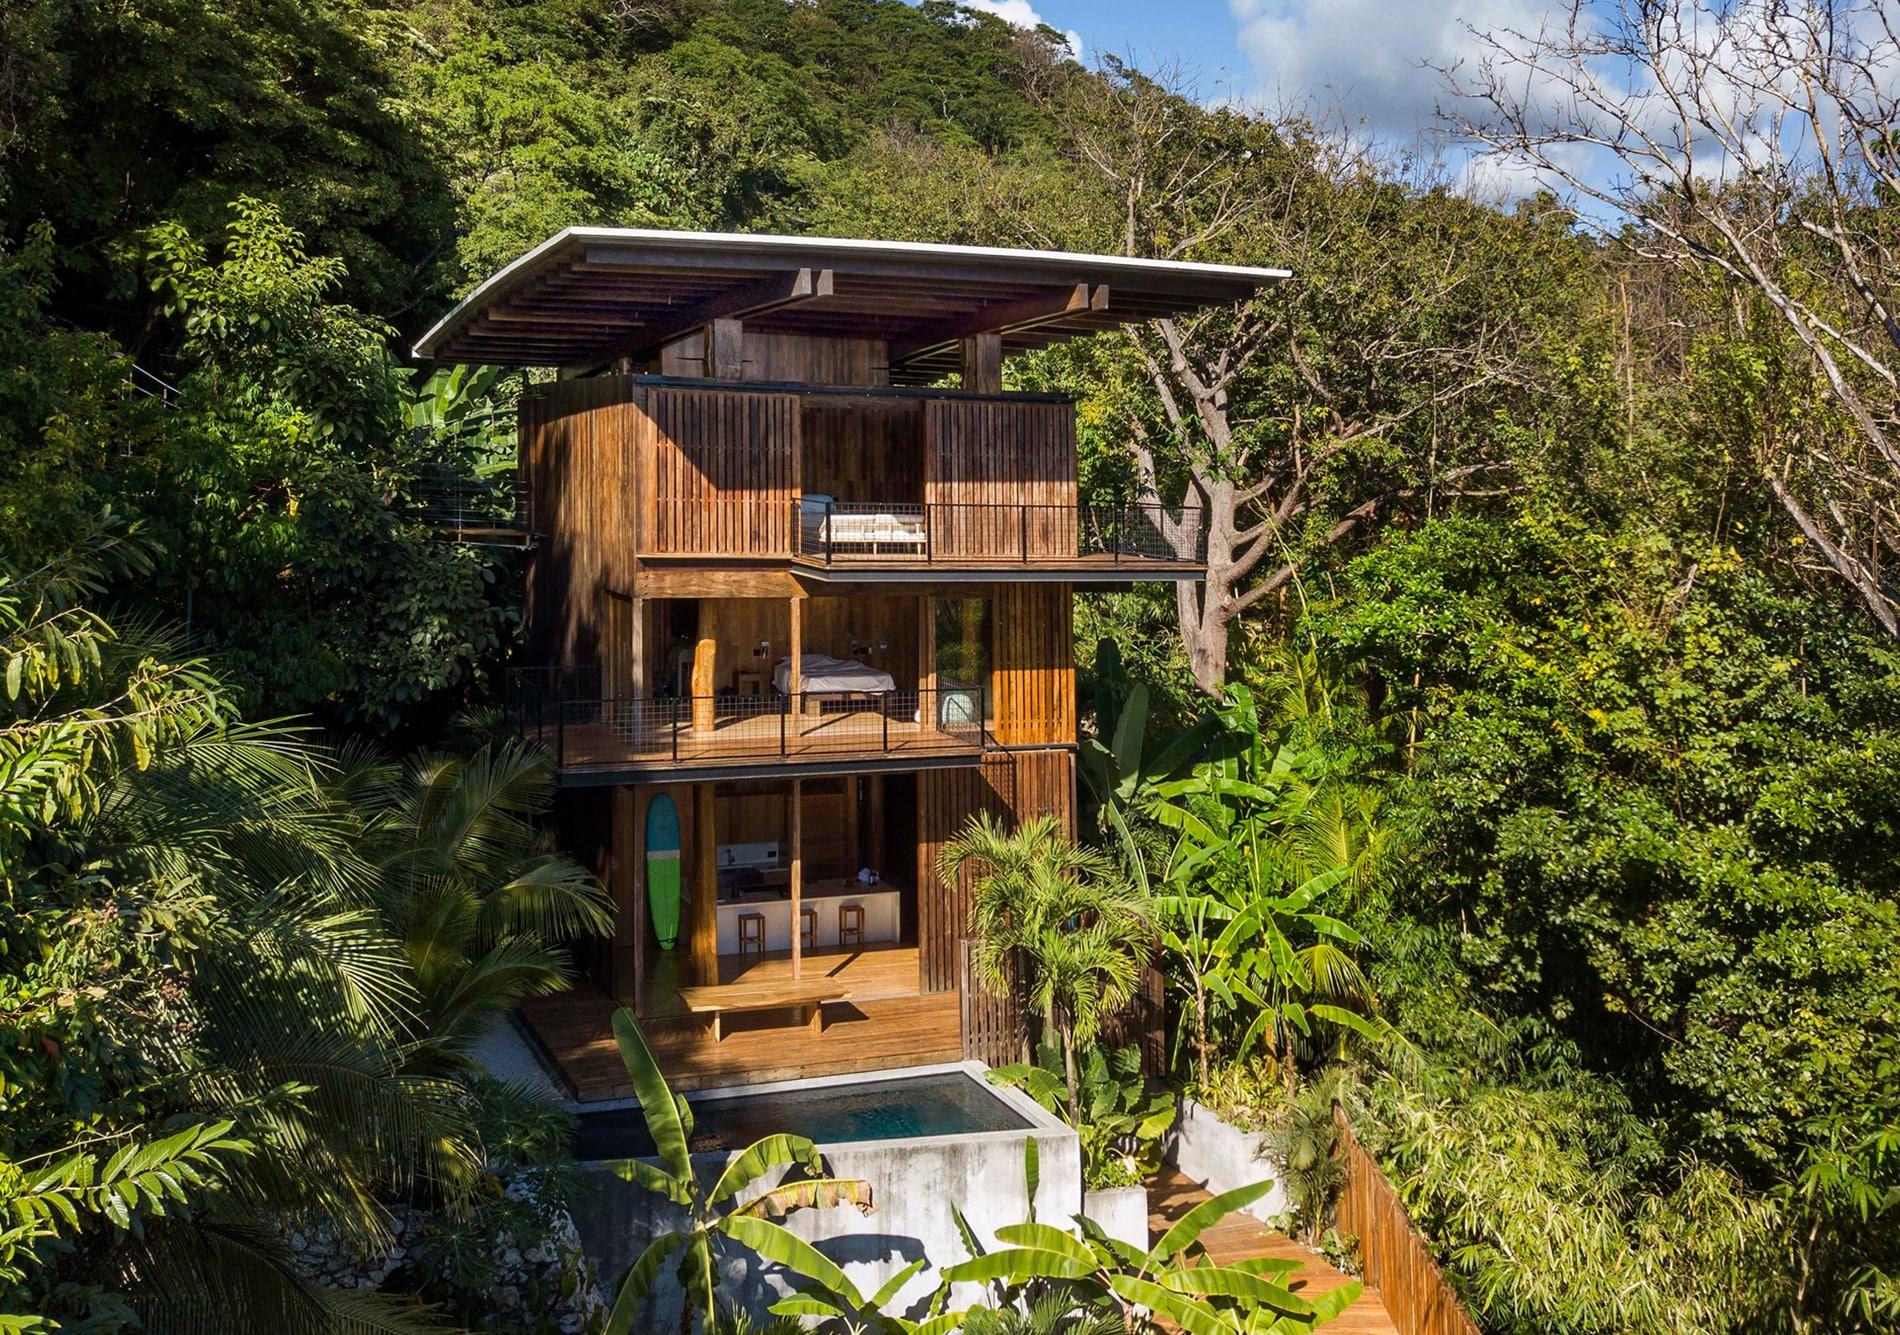 vida_tree-house_4